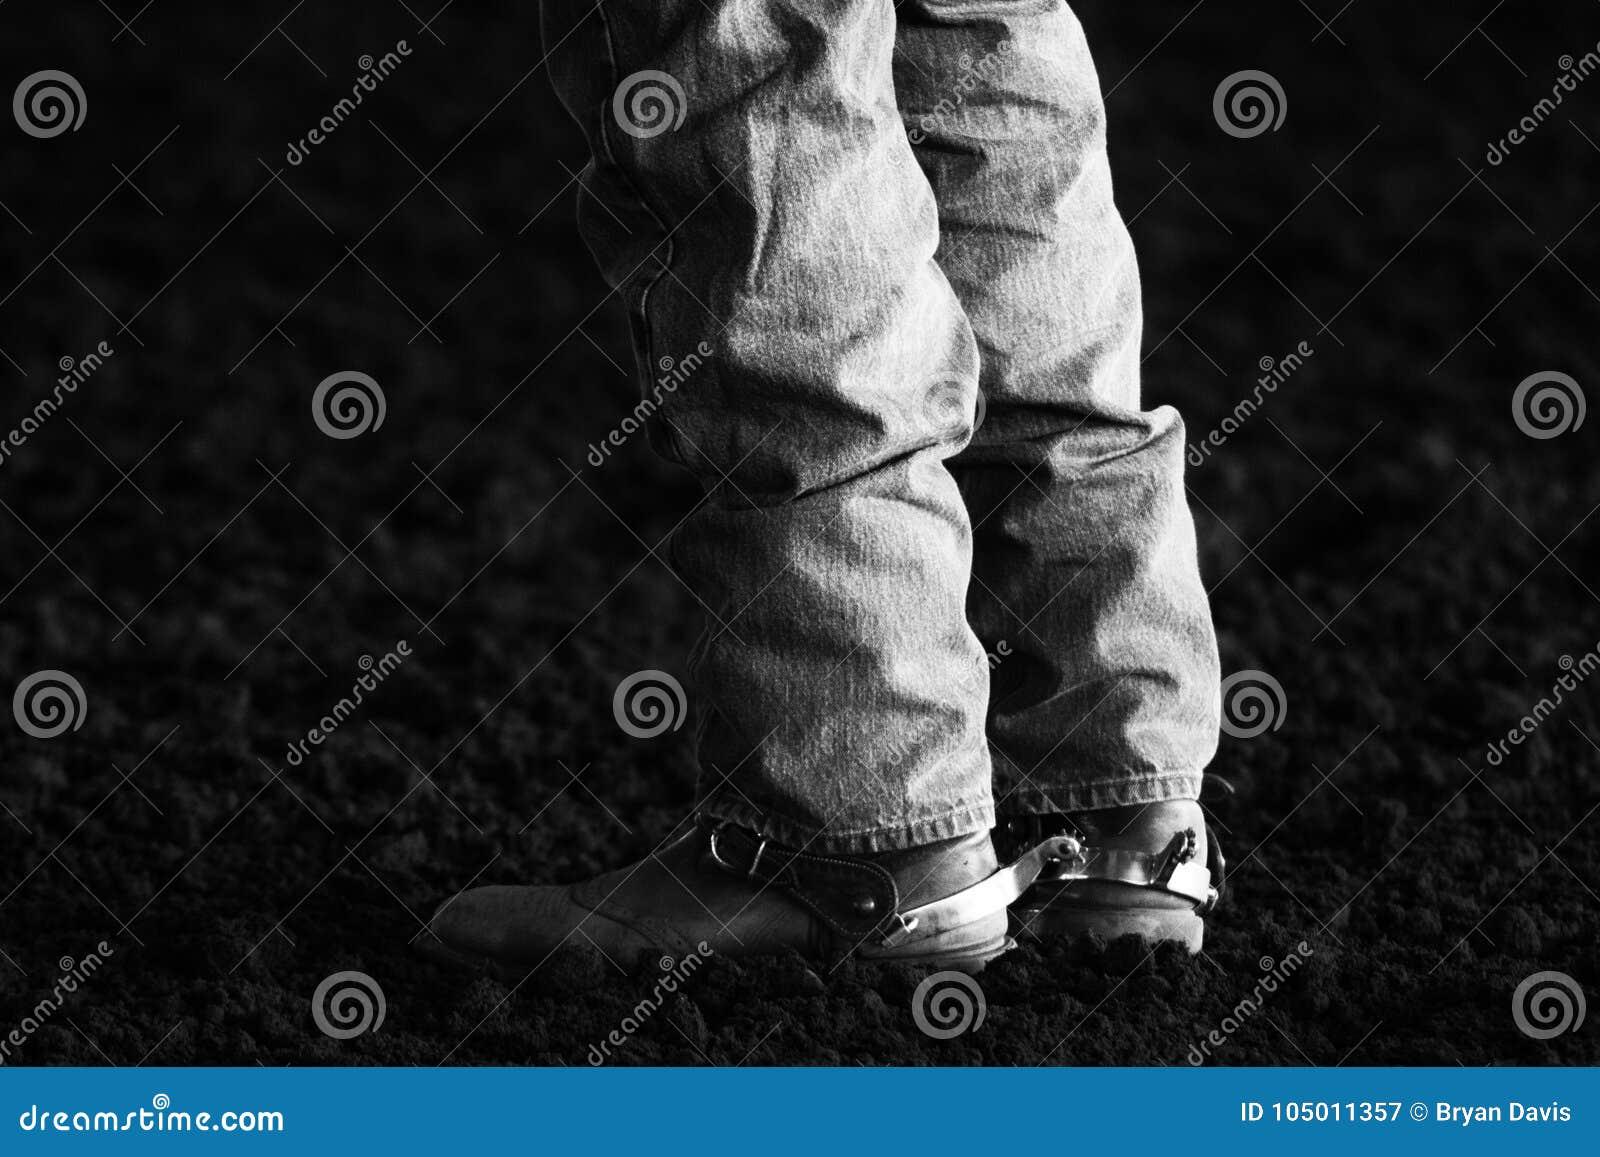 Μπότες και κεντρίσματα στο ροντέο